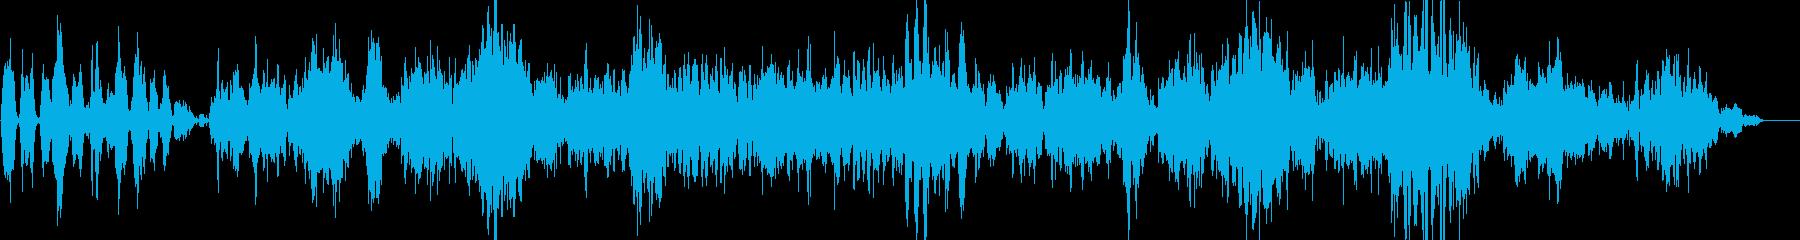 クラシック クール やる気 ハイテ...の再生済みの波形